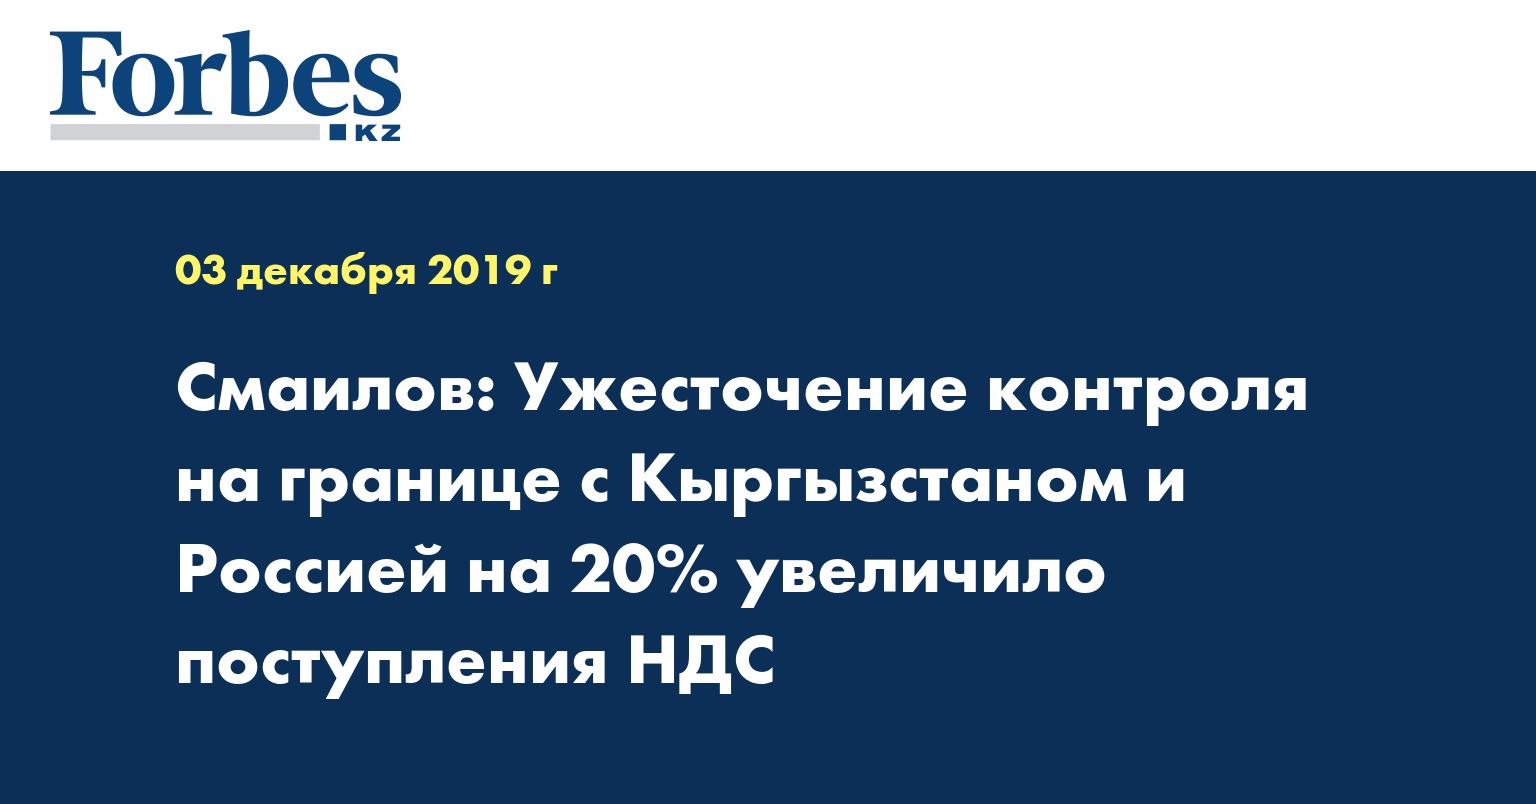 Смаилов: Ужесточение контроля на границе с Кыргызстаном и Россией на 20% увеличило поступления НДС